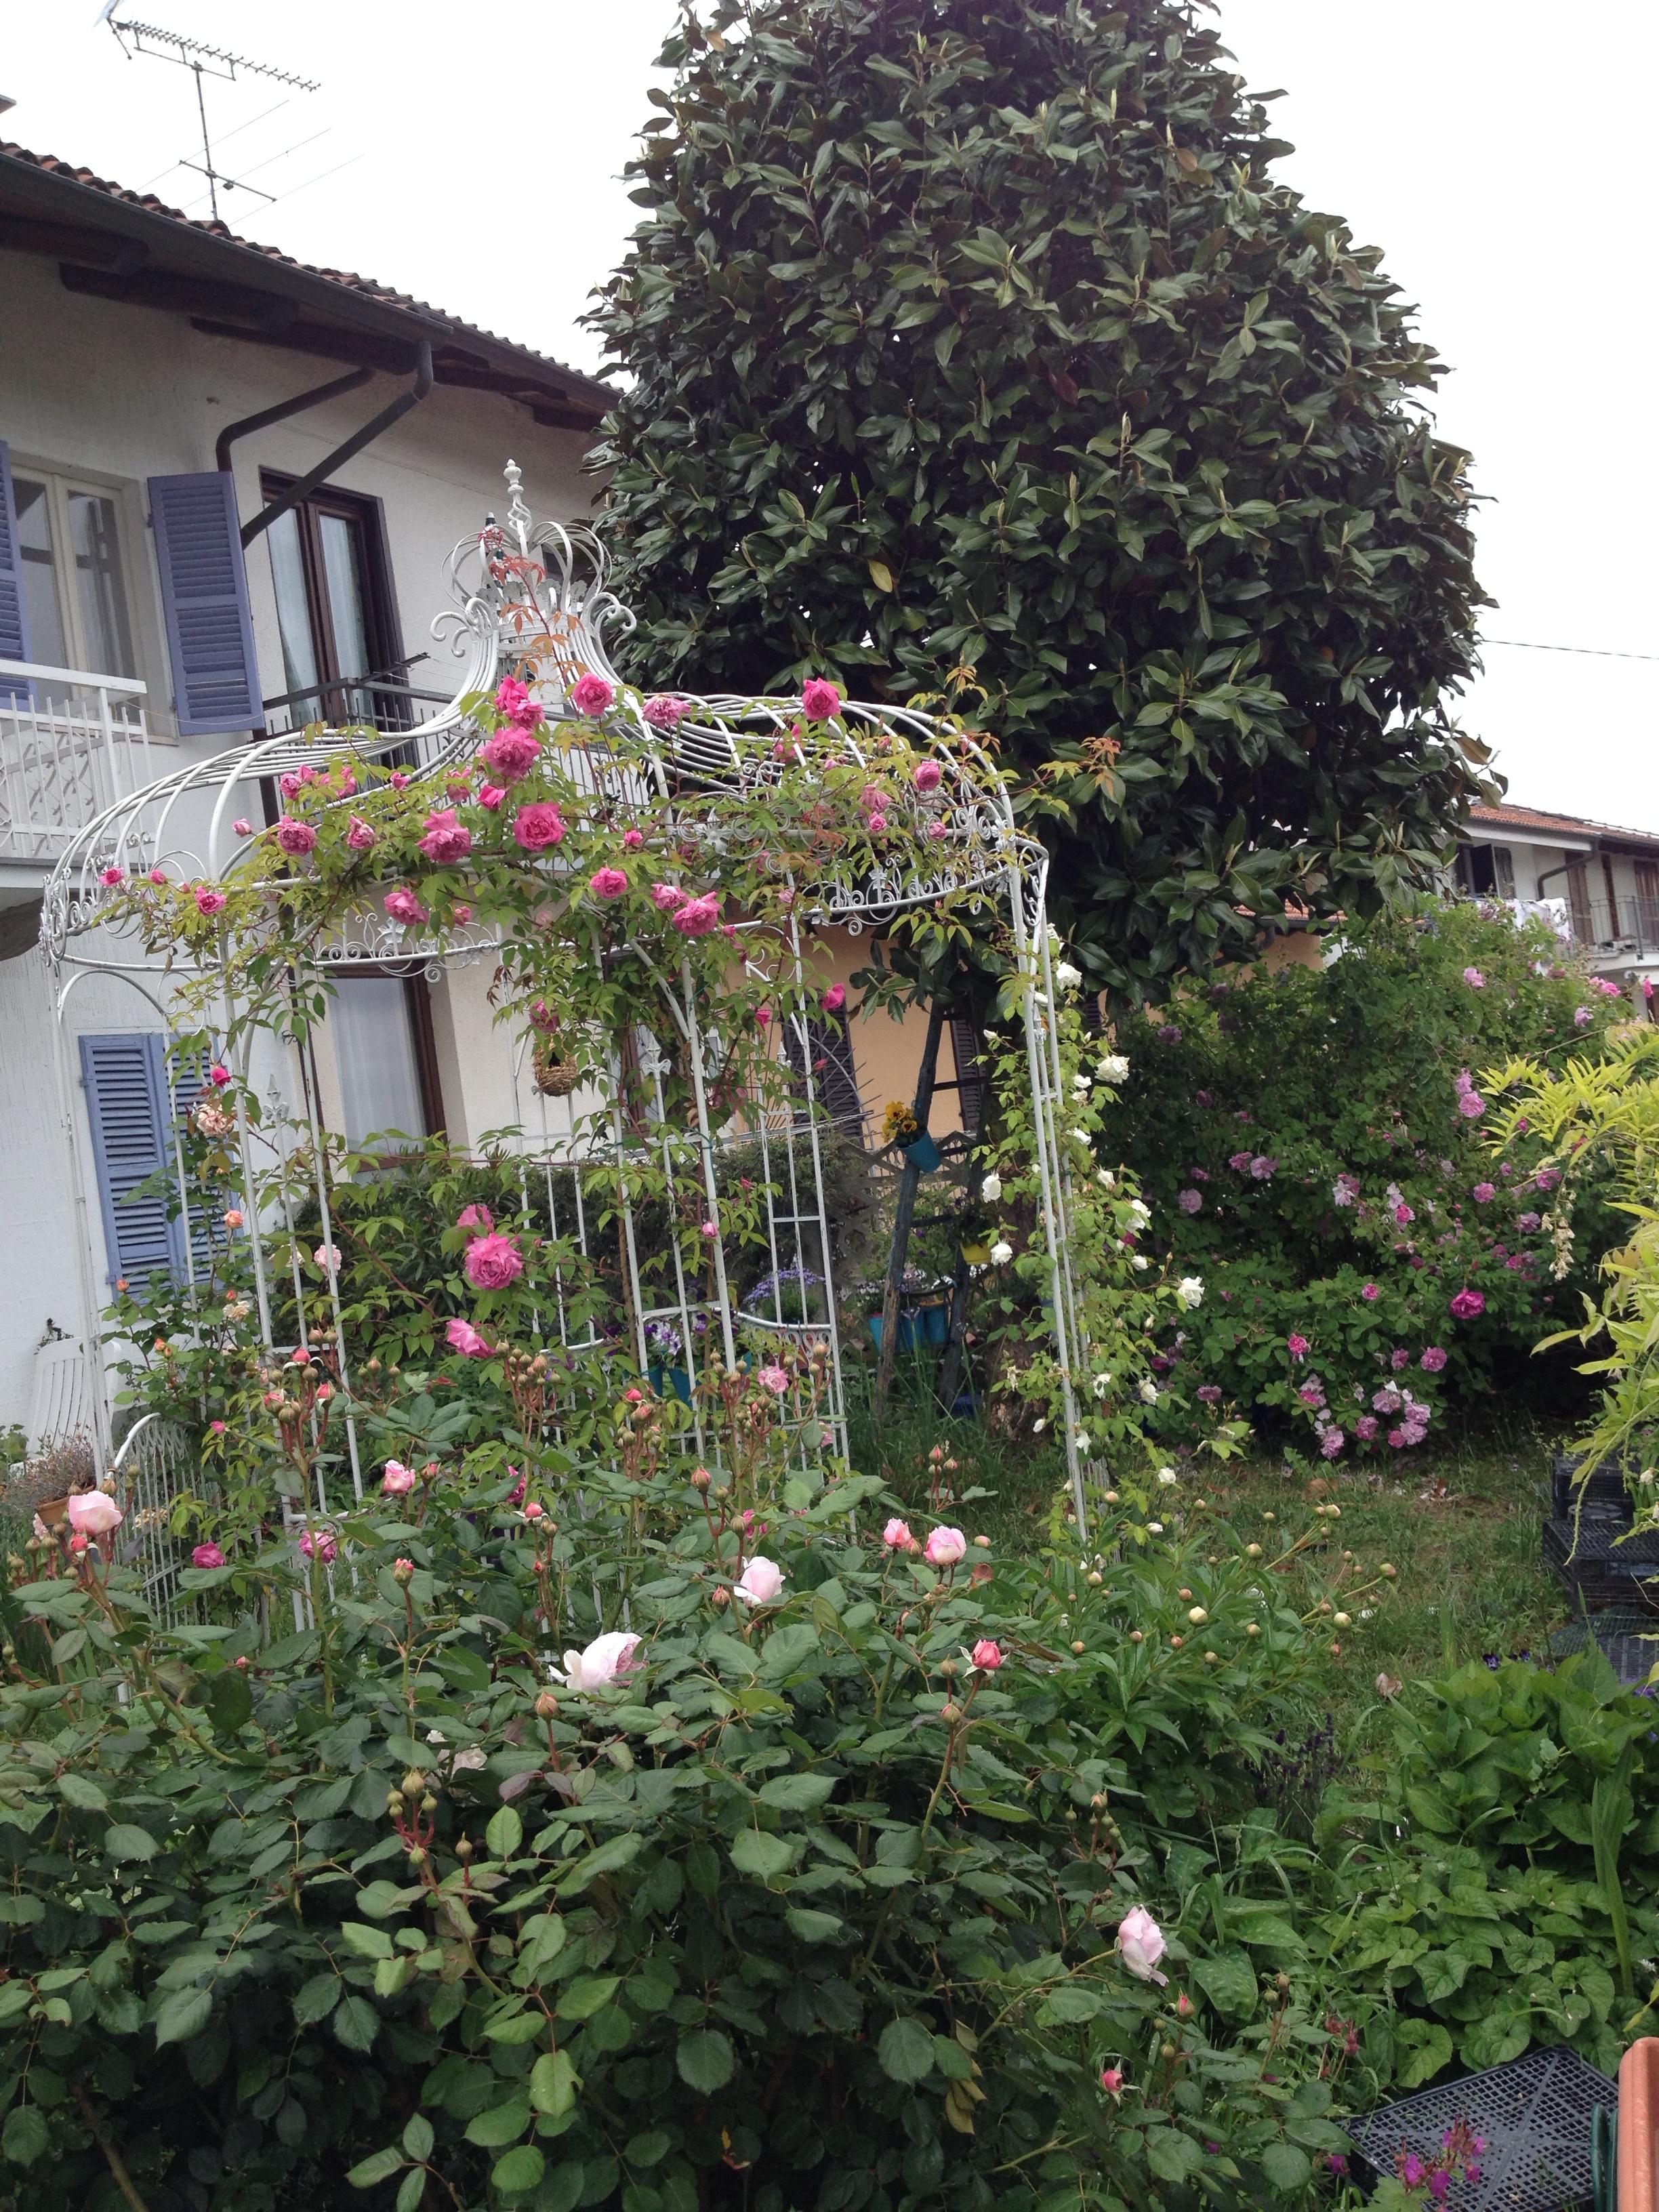 Amazing come creare un giardino speciale un sogno reale - Come creare un bel giardino ...